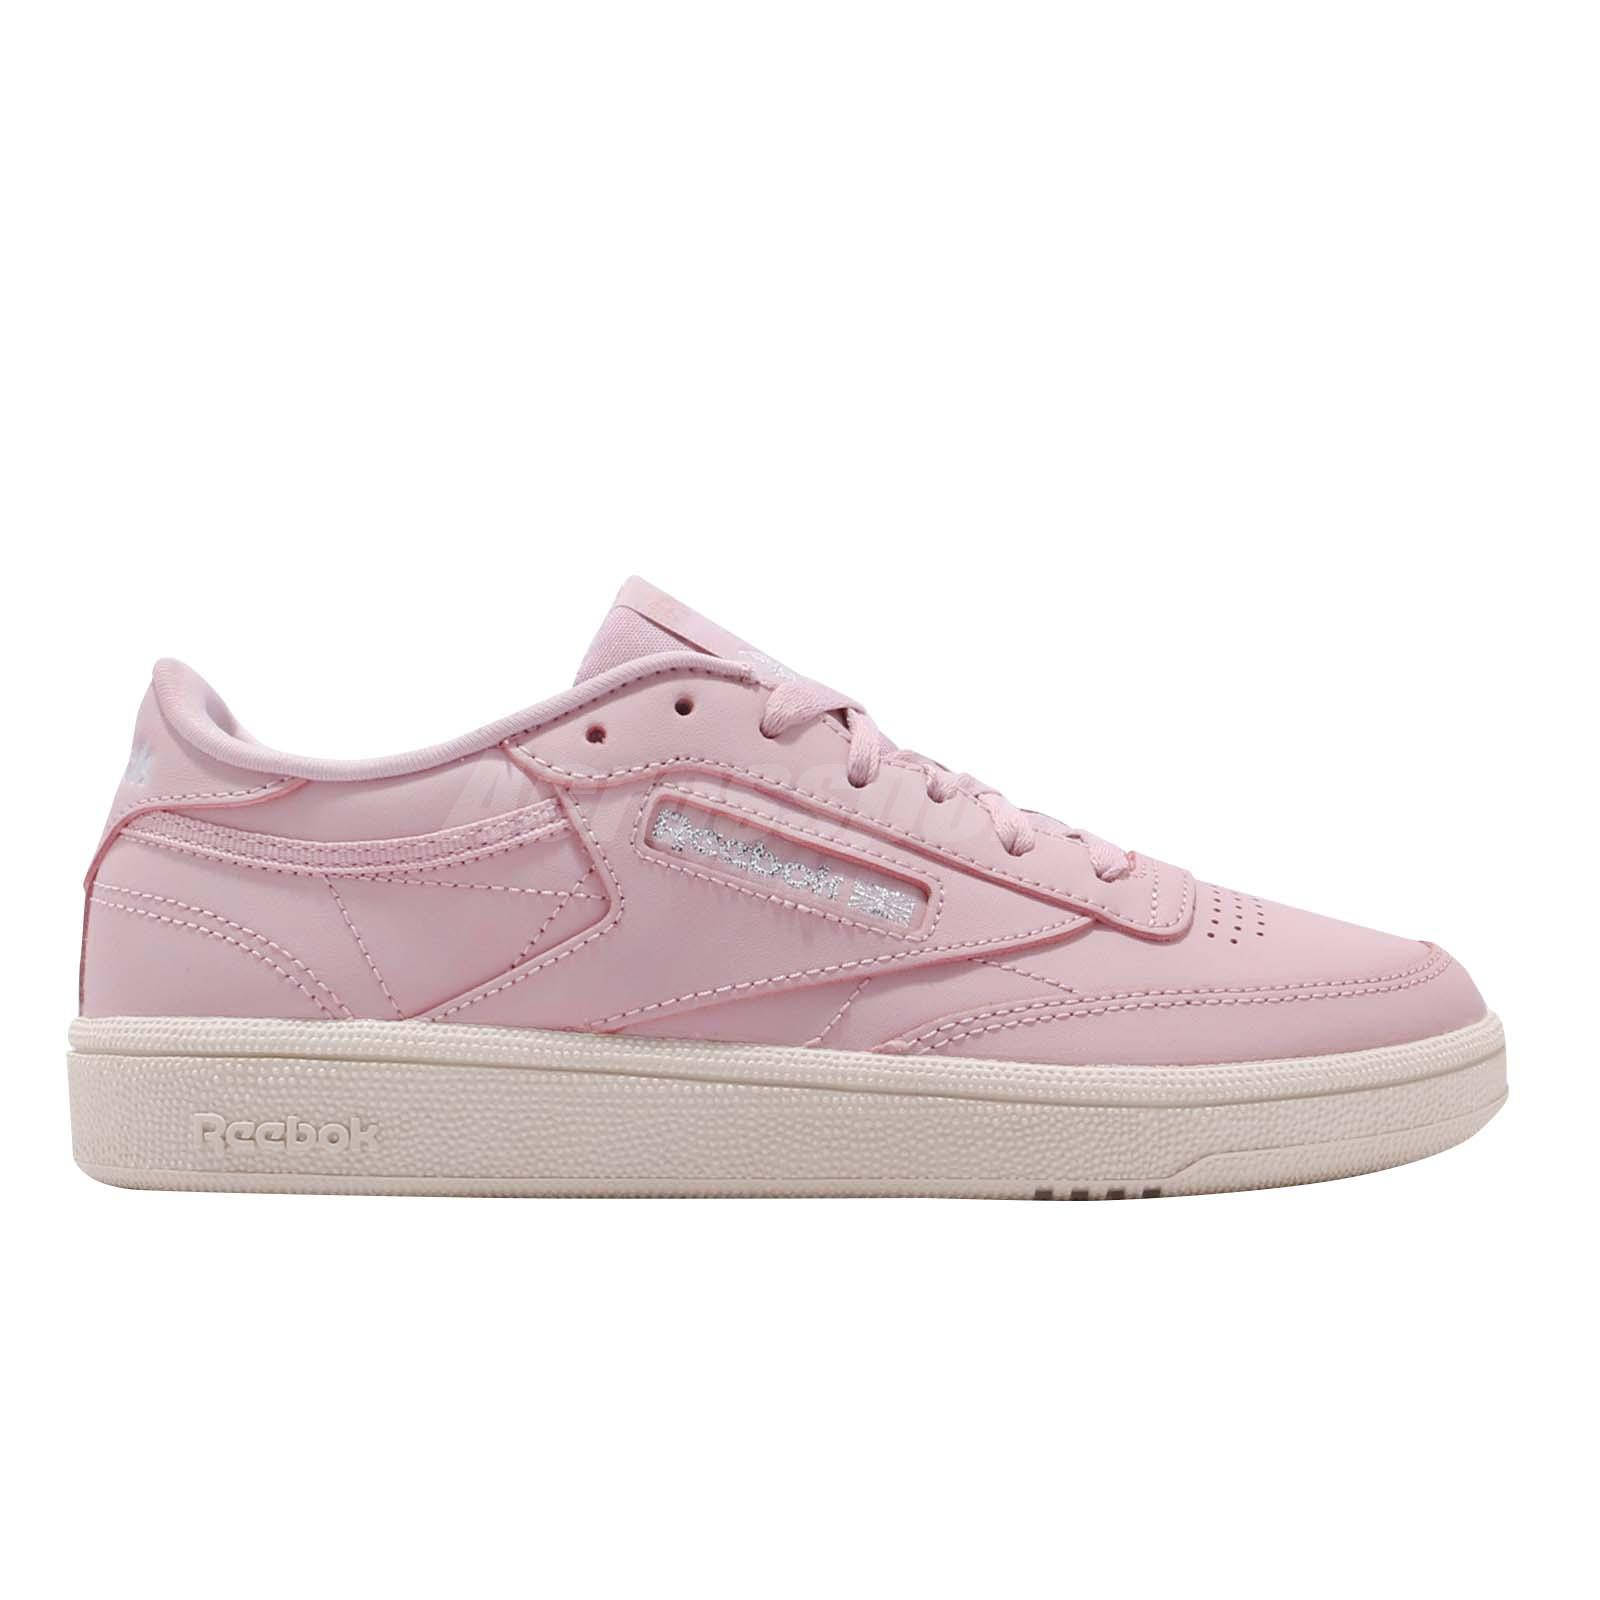 65fa64a86100 Reebok Club C 85 Ashen Lilac Silver Women Classic Casual Shoes ...